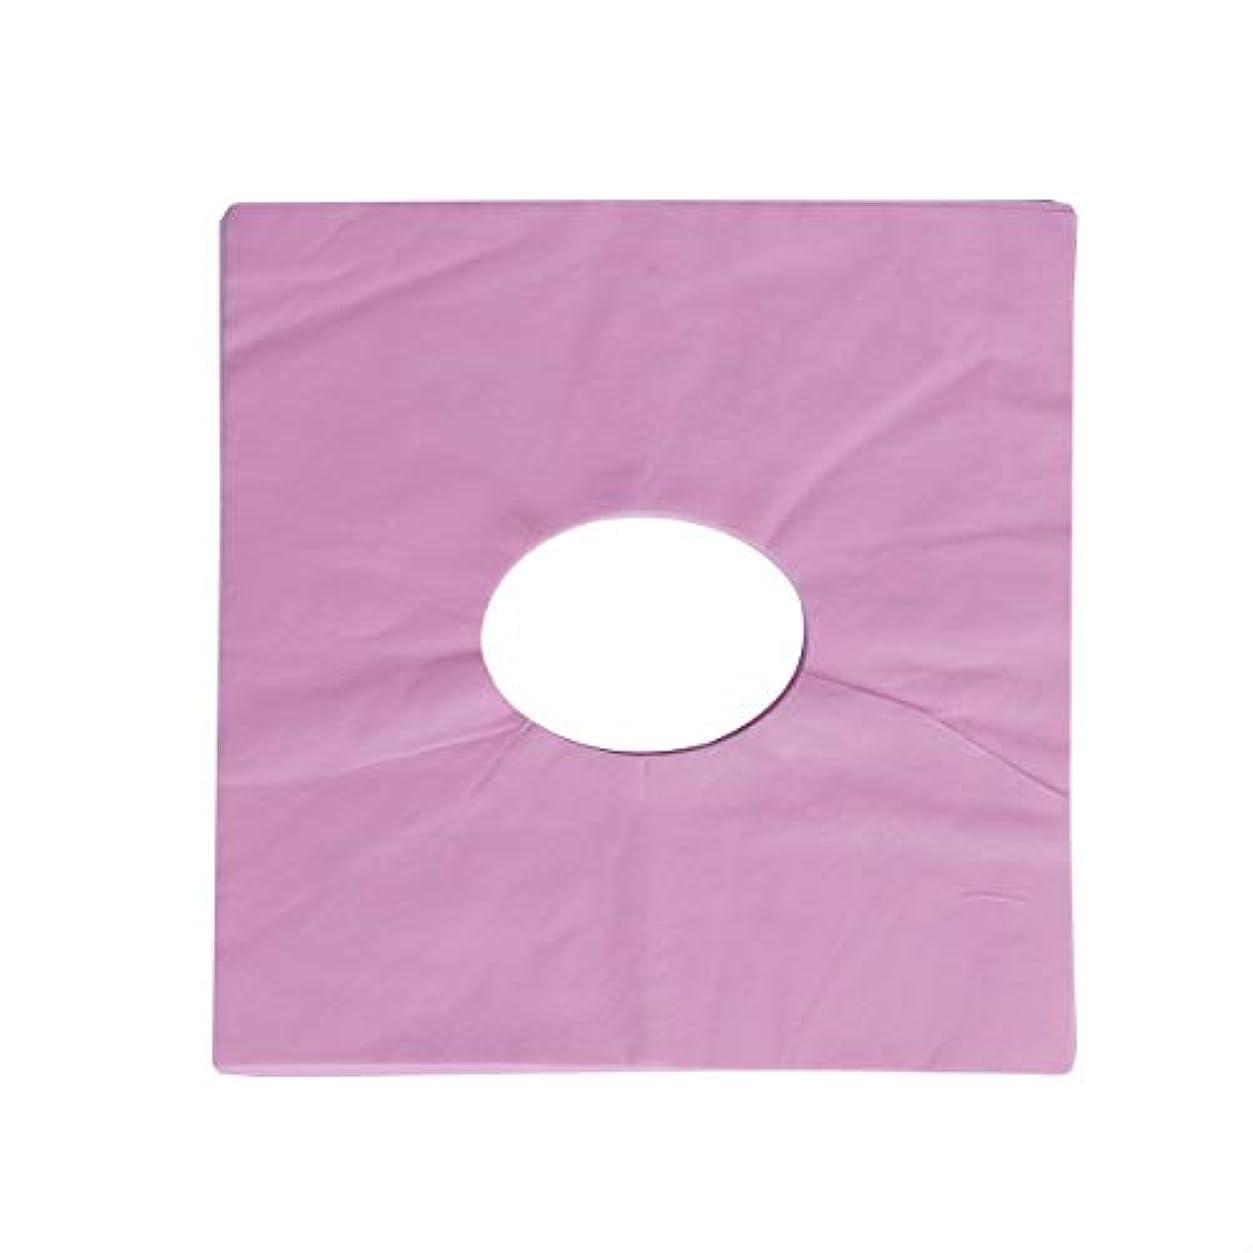 説得力のあるキャプション第四SUPVOX 100ピース使い捨てマッサージフェイスクレードルカバーフェイスマッサージヘッドレストカバー用スパ美容院マッサージ(ピンク)